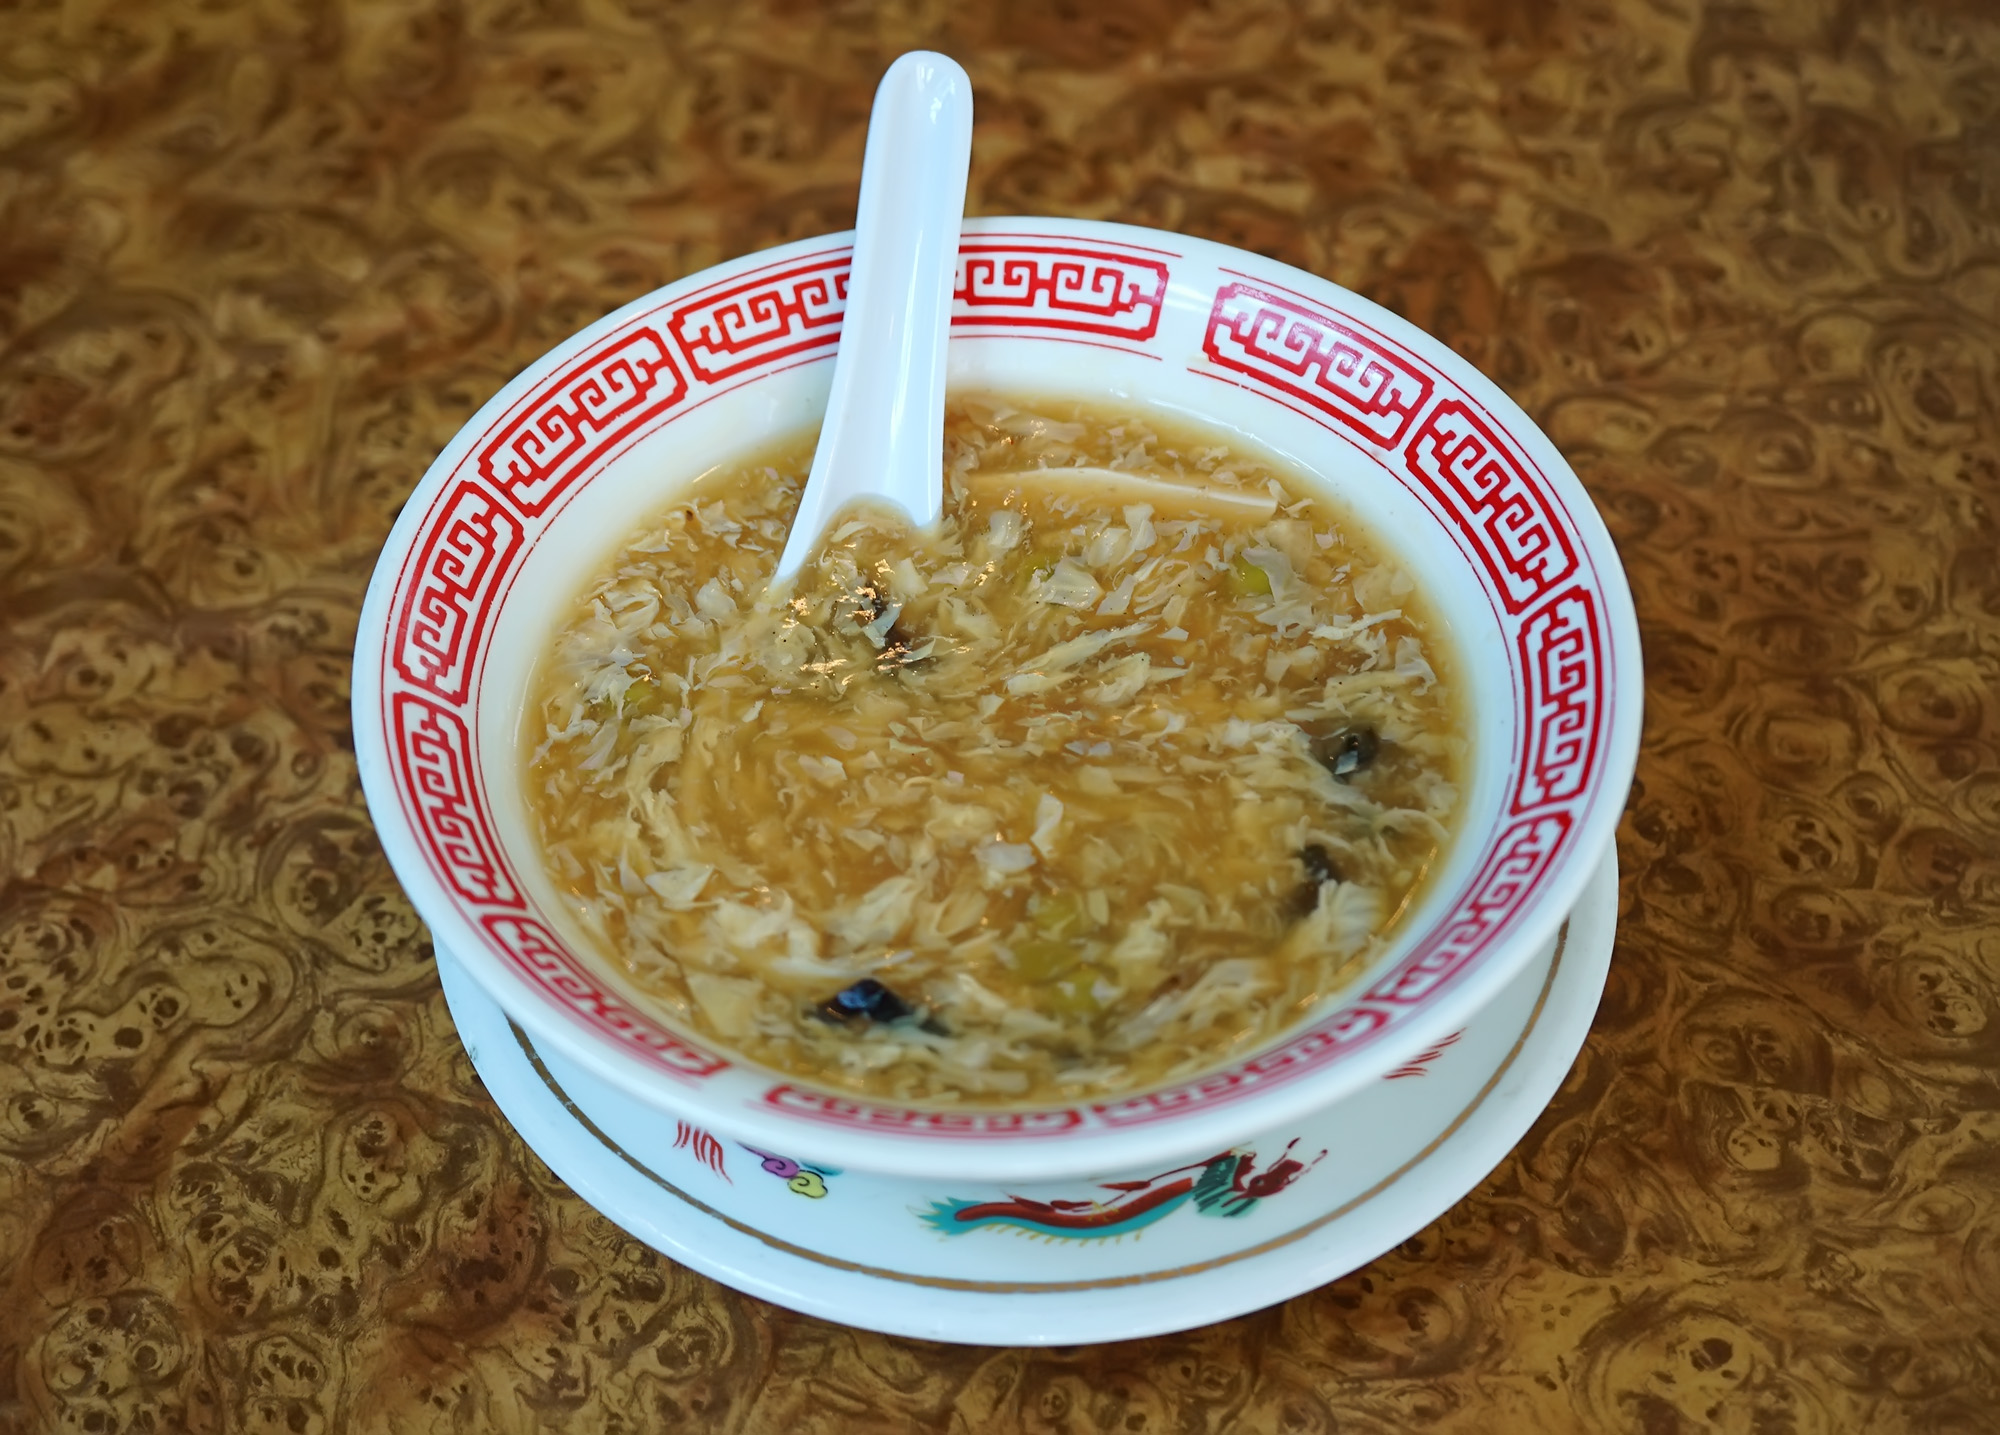 Spiced Sour Soup Image